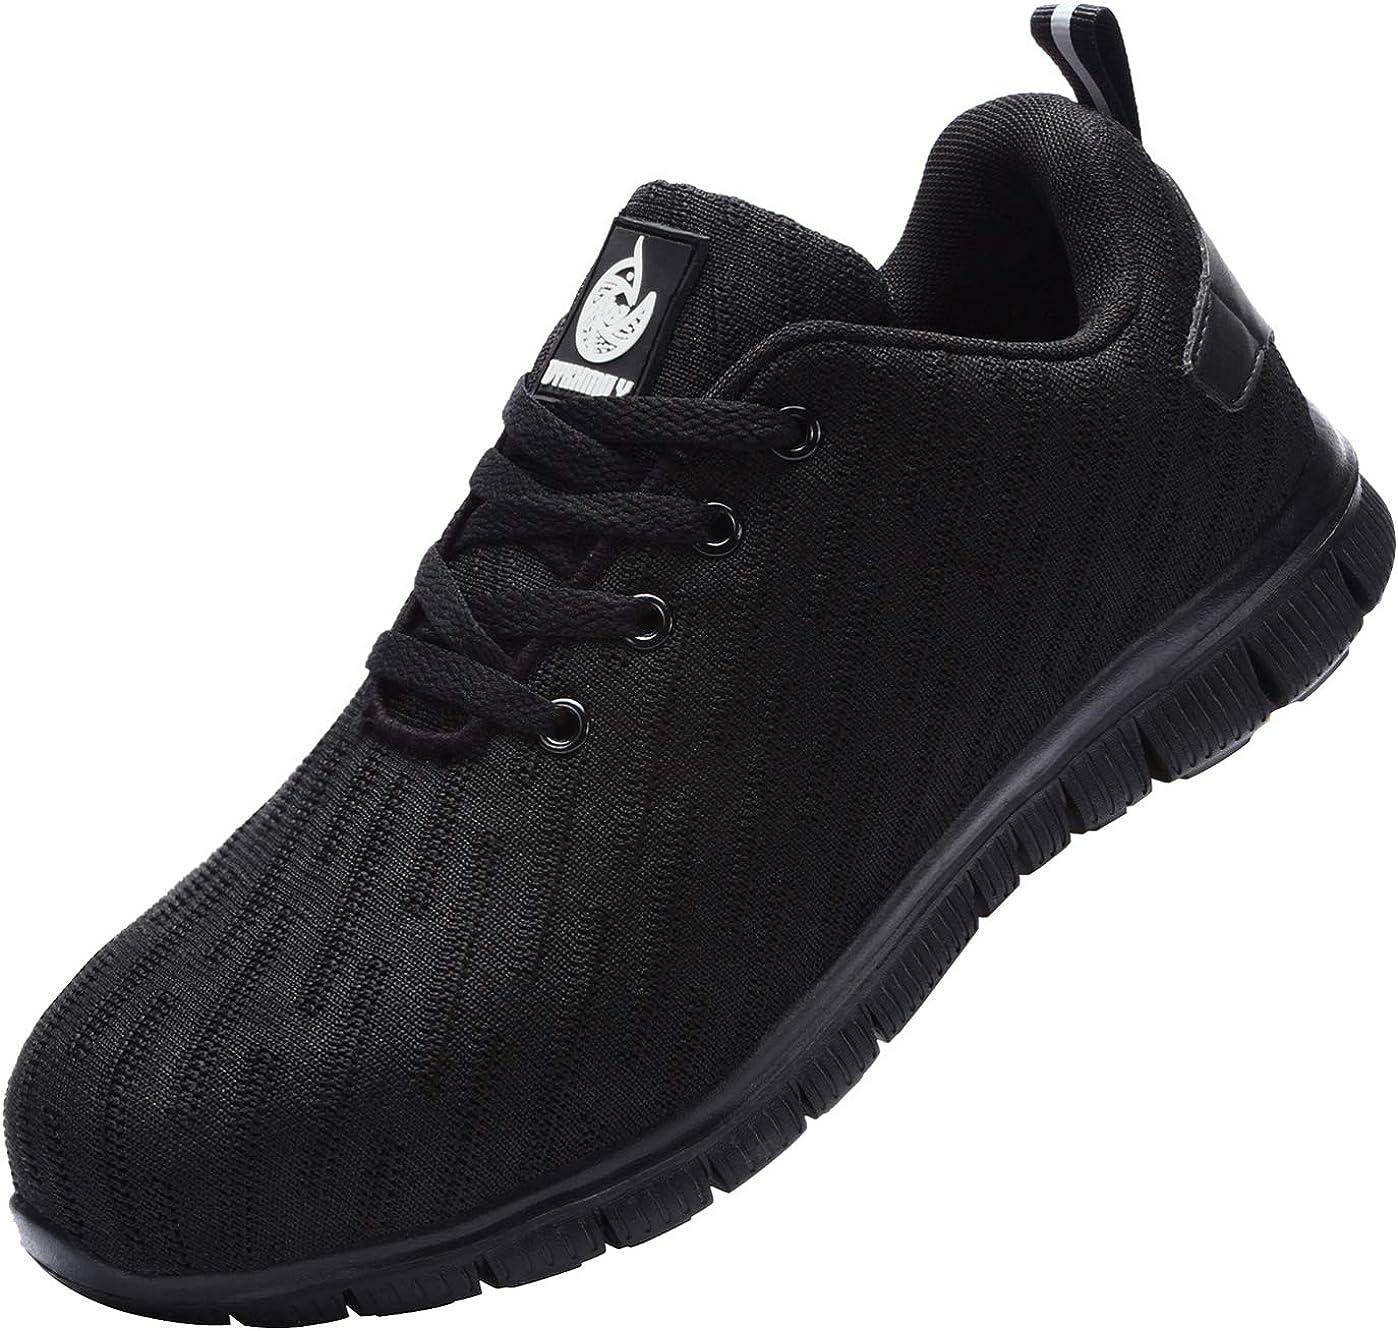 DYKHMILY Steel Toe Shoes Men Women